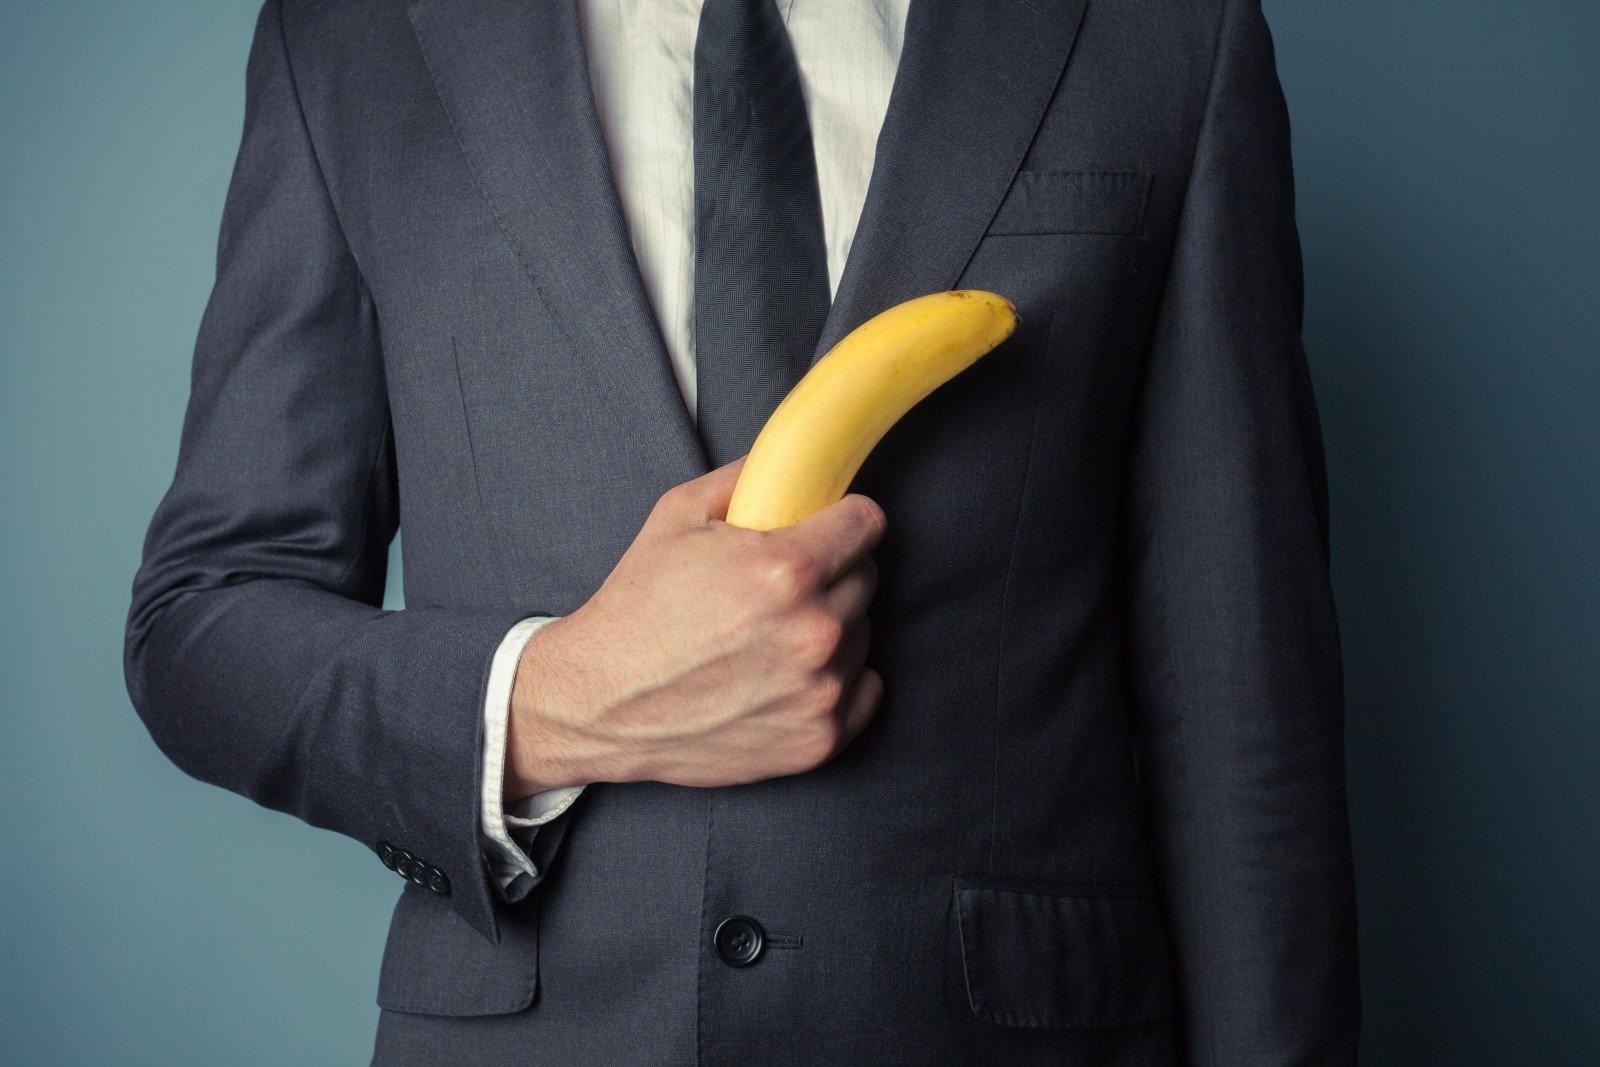 medicinos budai kaip padidinti peni erekcija išnyksta viduje